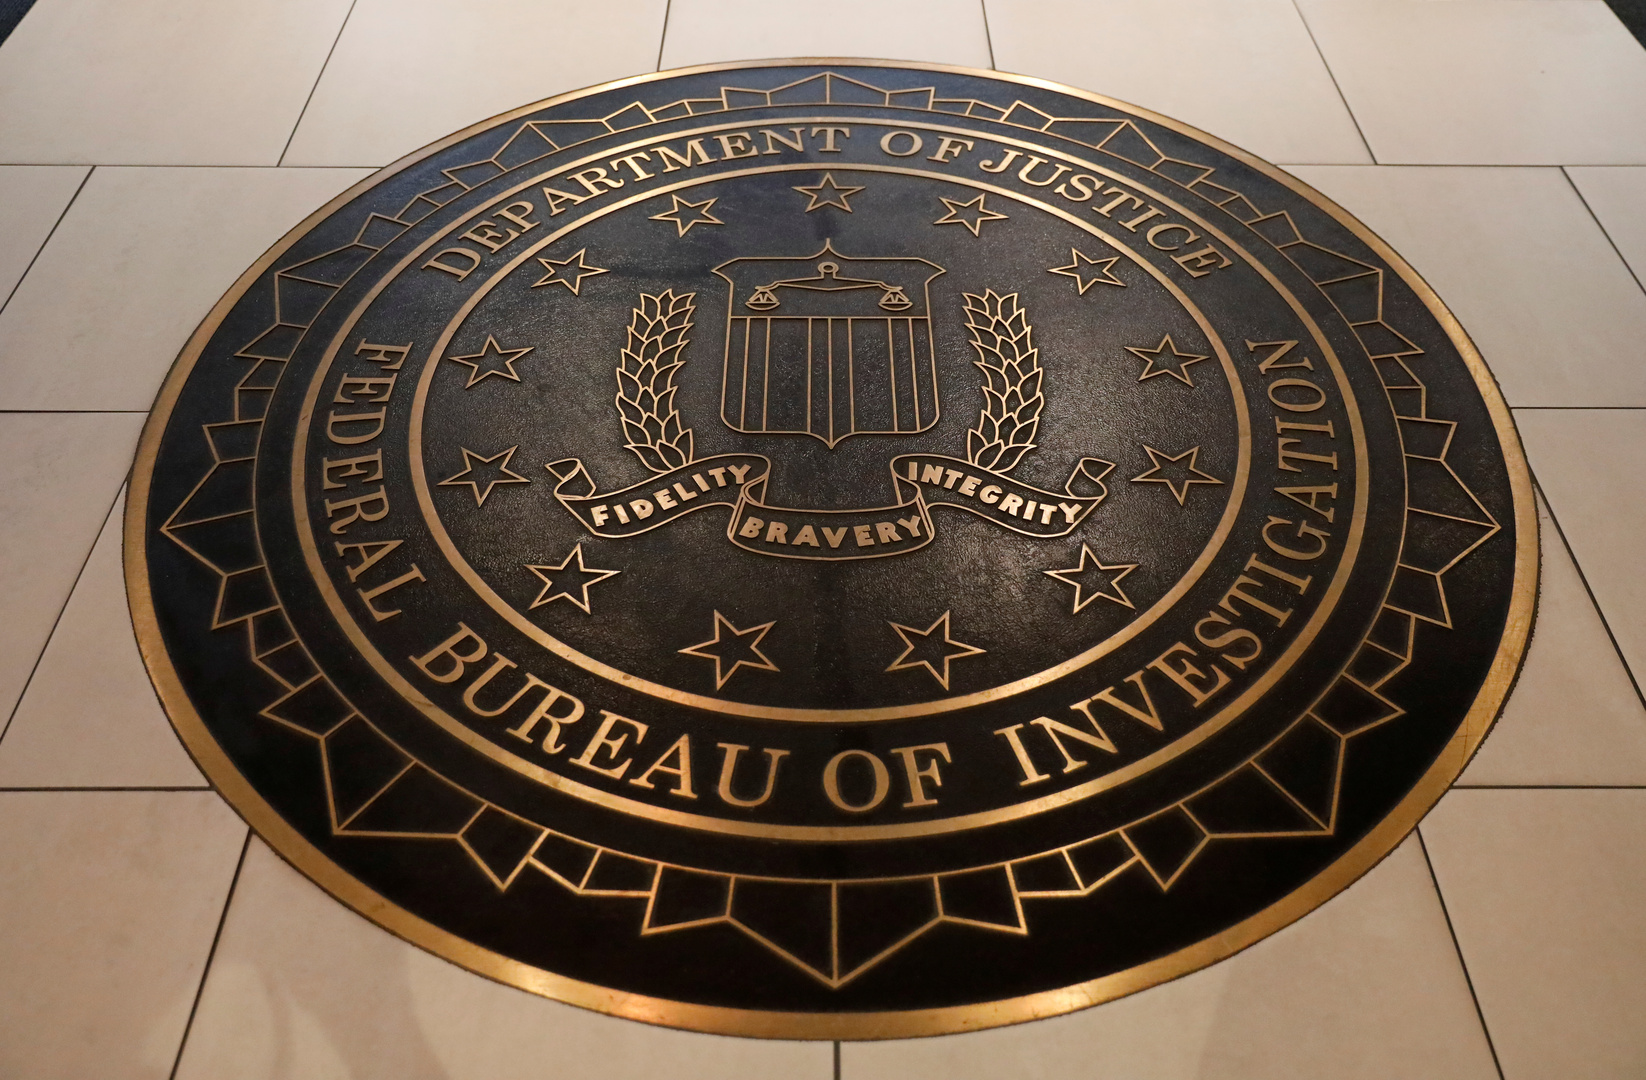 شعار مكتب التحقيقات الفدرالي الأمريكي (FBI).